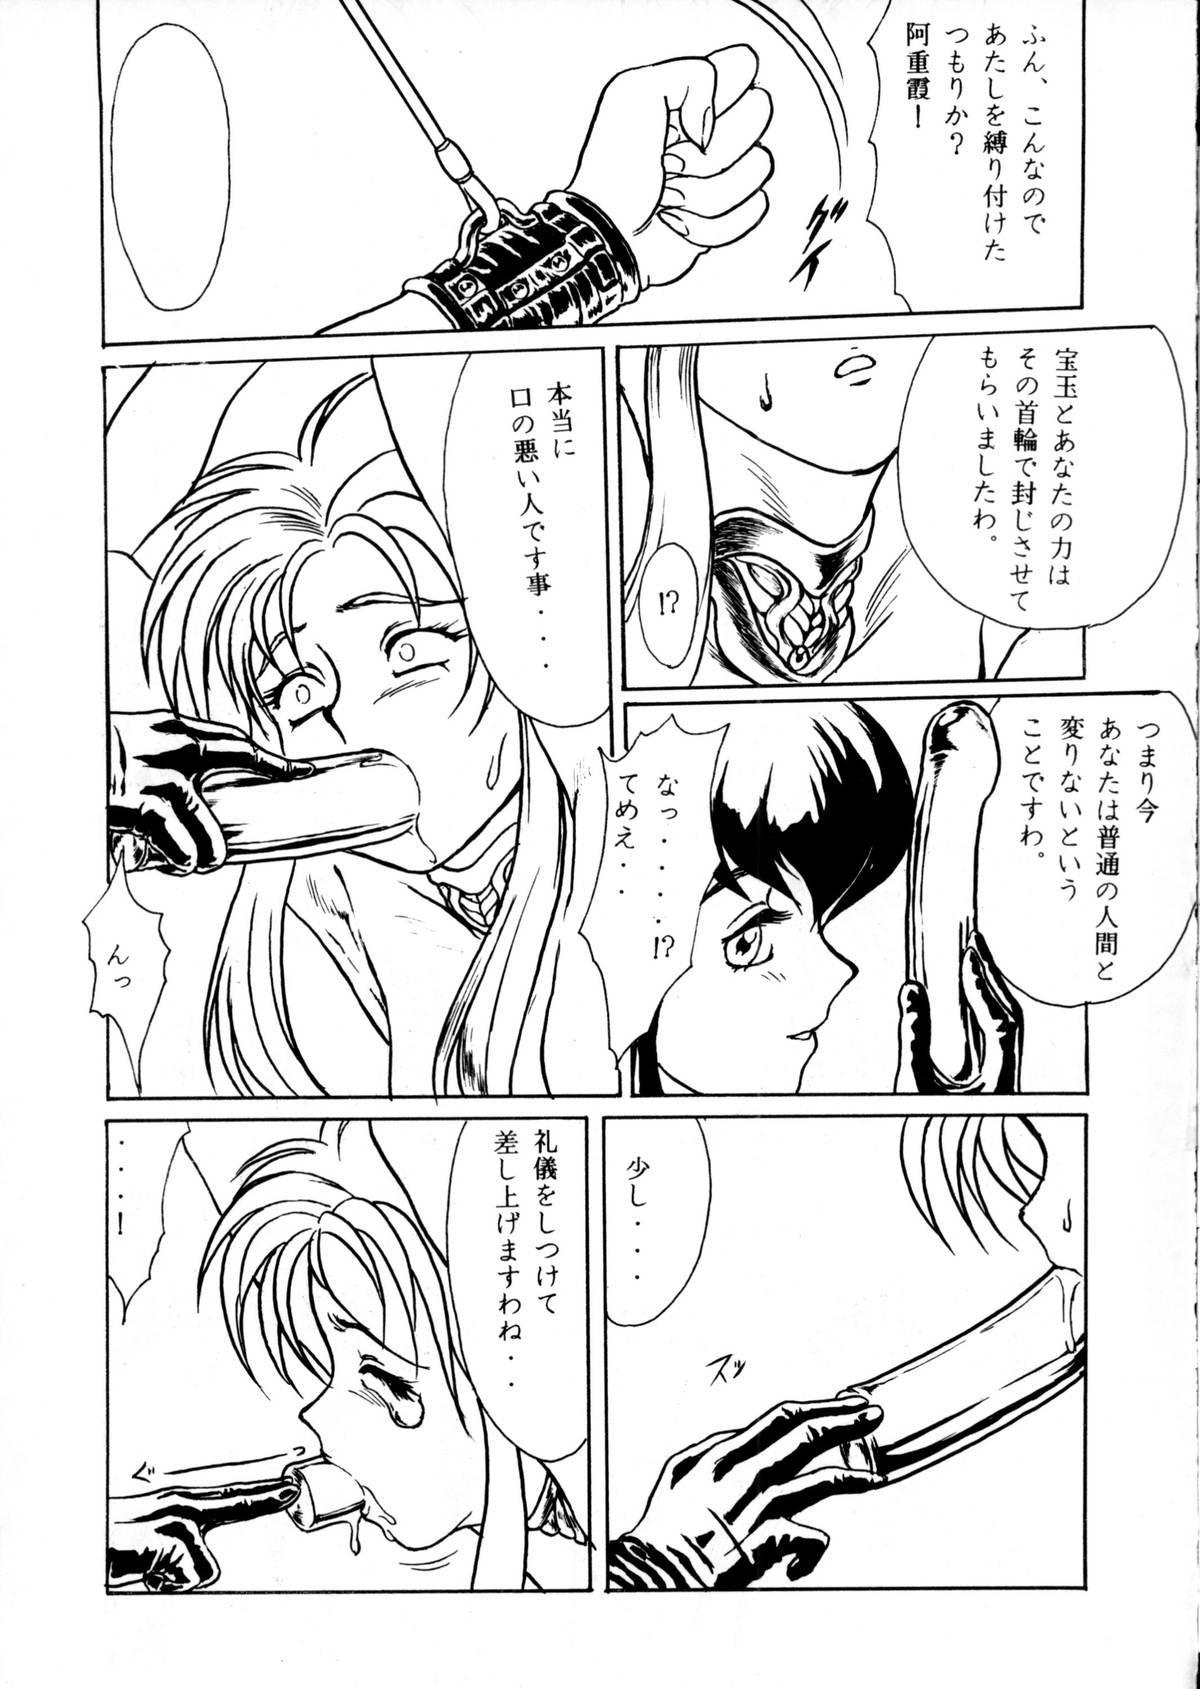 Tabeta Kigasuru 8 5